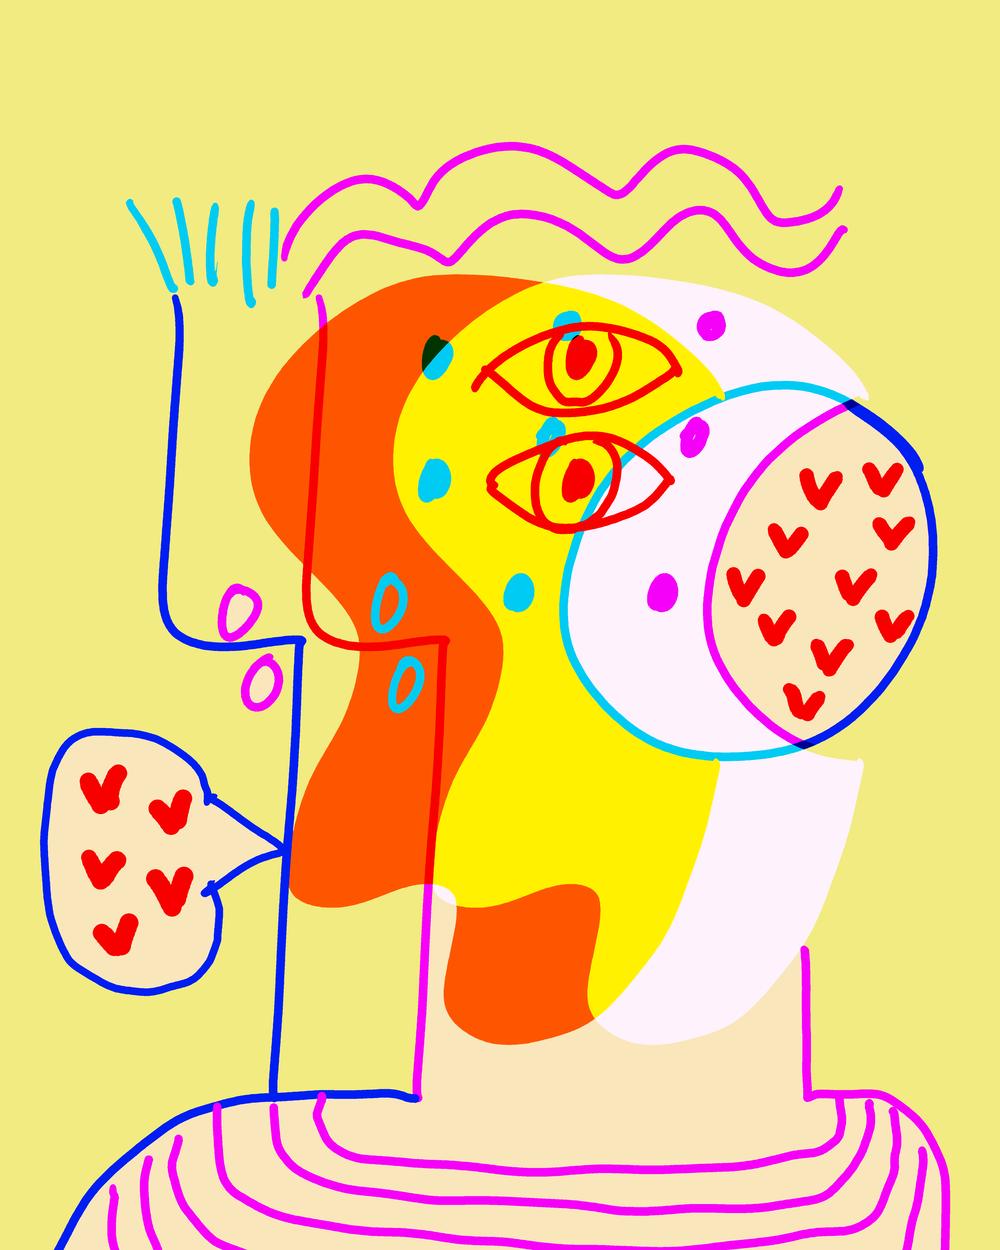 glitch-art-illustration_by-matt-vaillette